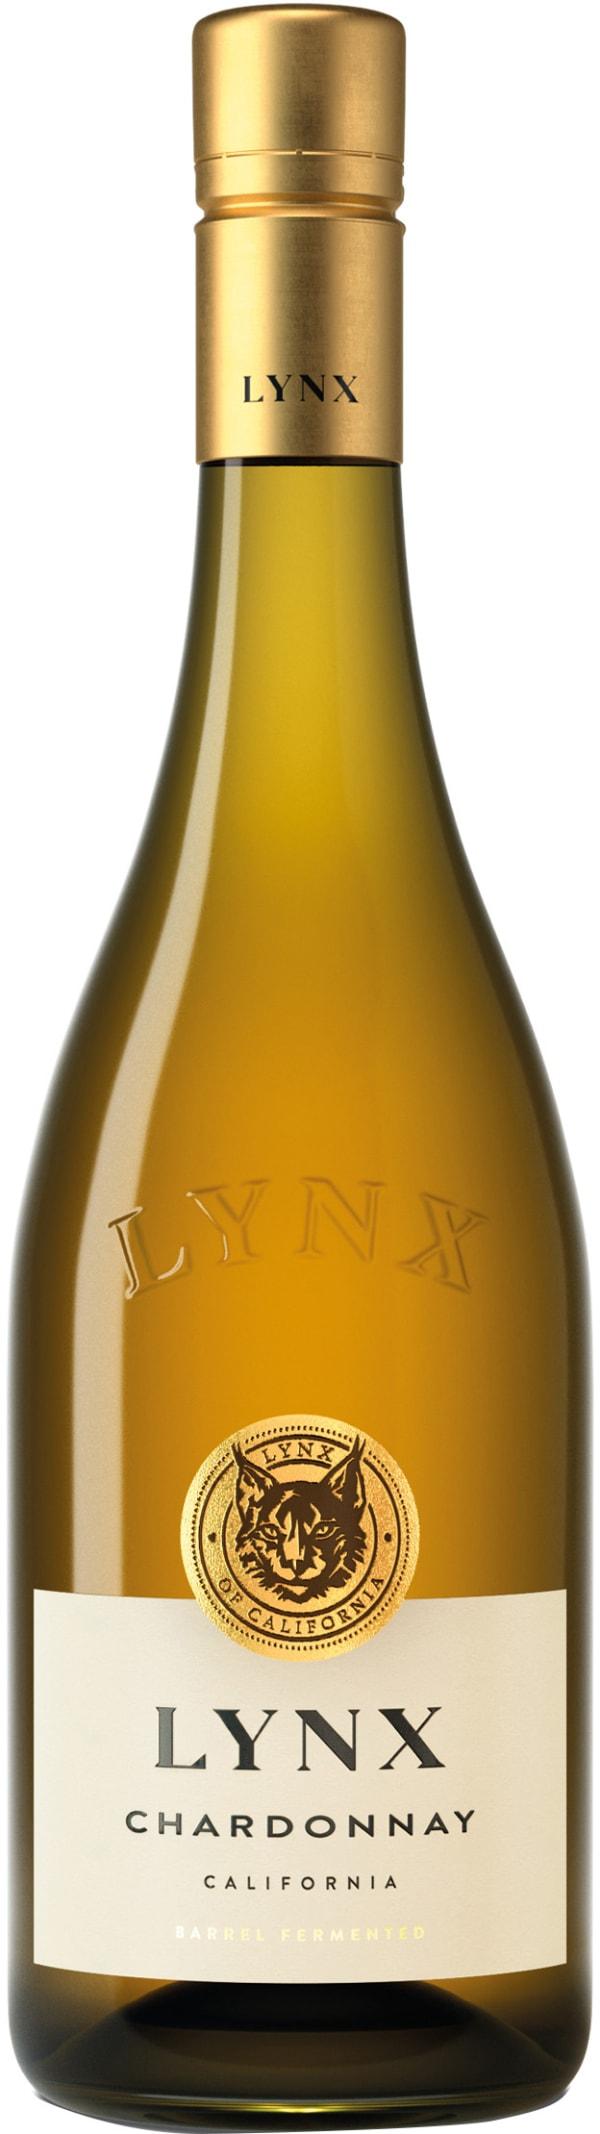 Lynx Barrel Fermented Chardonnay 2017